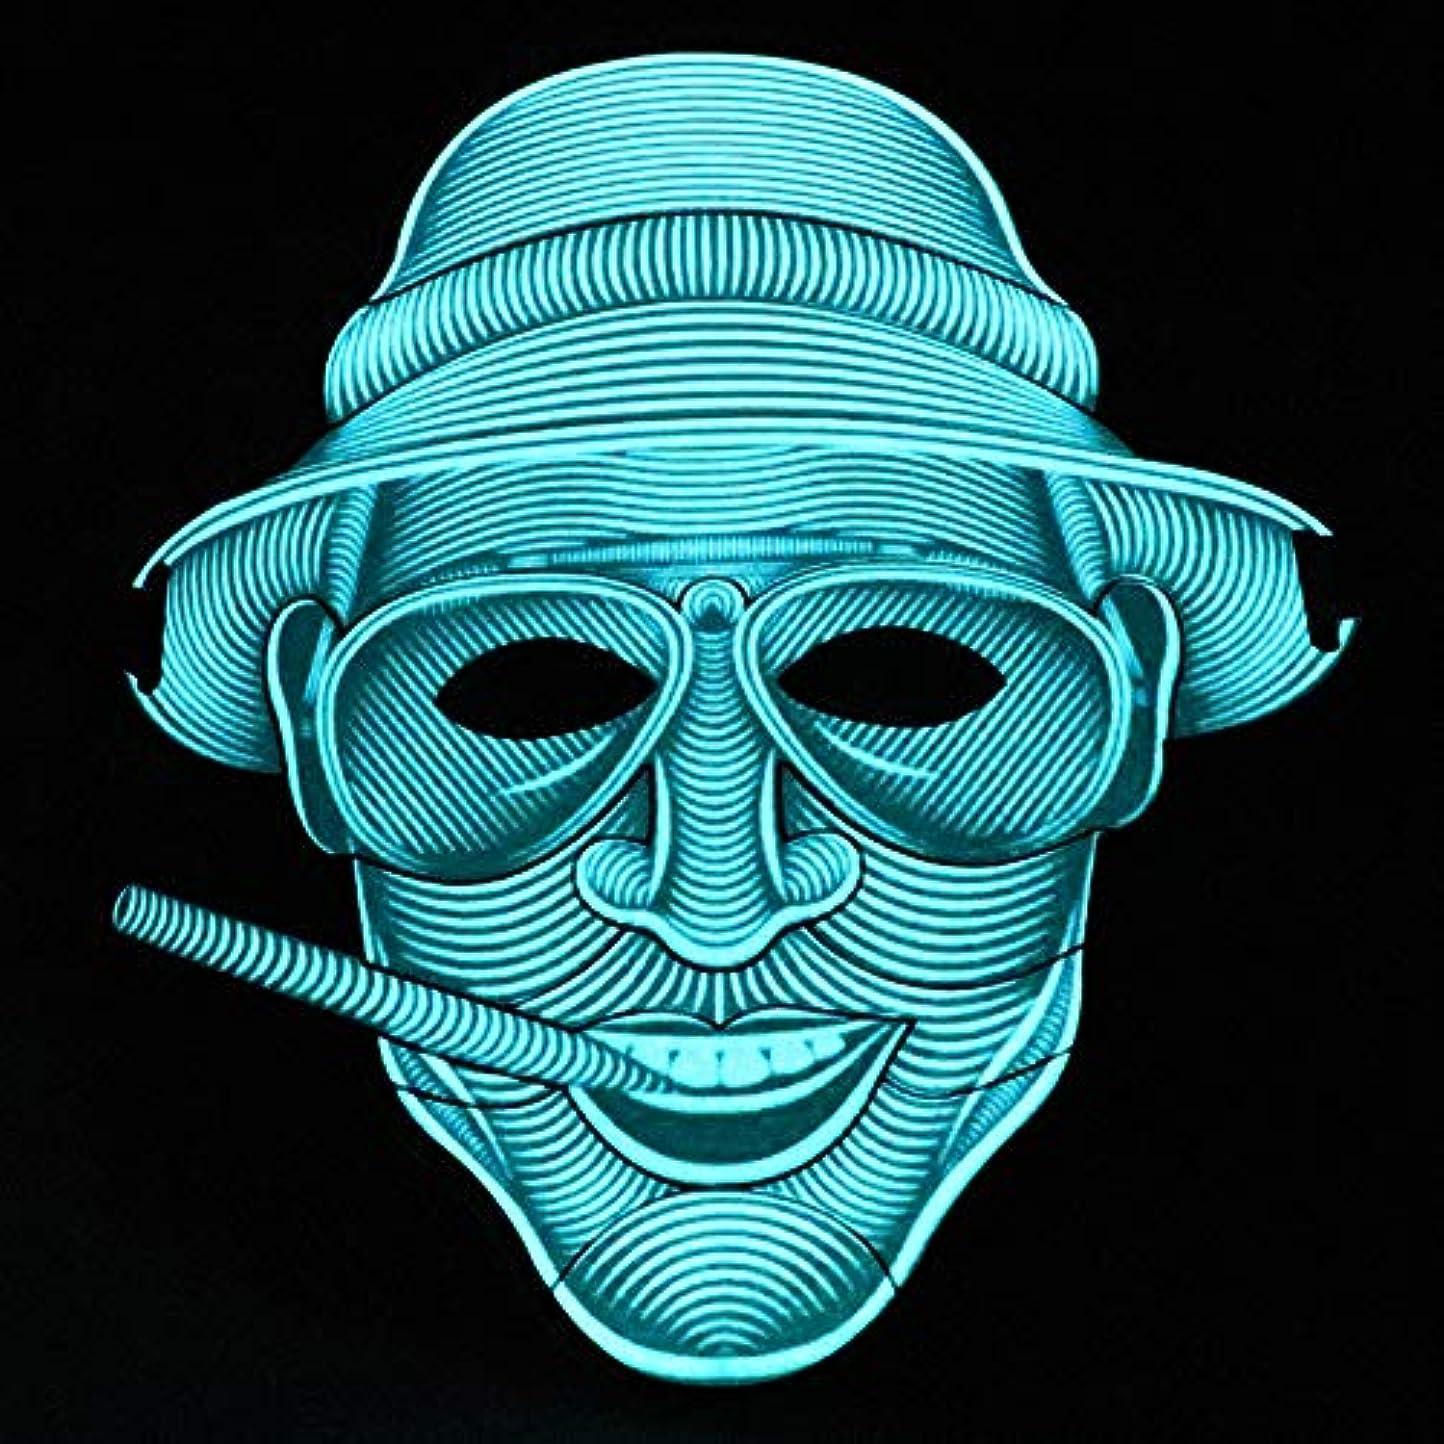 ヘルパーサラミ放出照らされたマスクLED創造的な冷光音響制御マスクハロウィンバーフェスティバルダンスマスク (Color : #4)